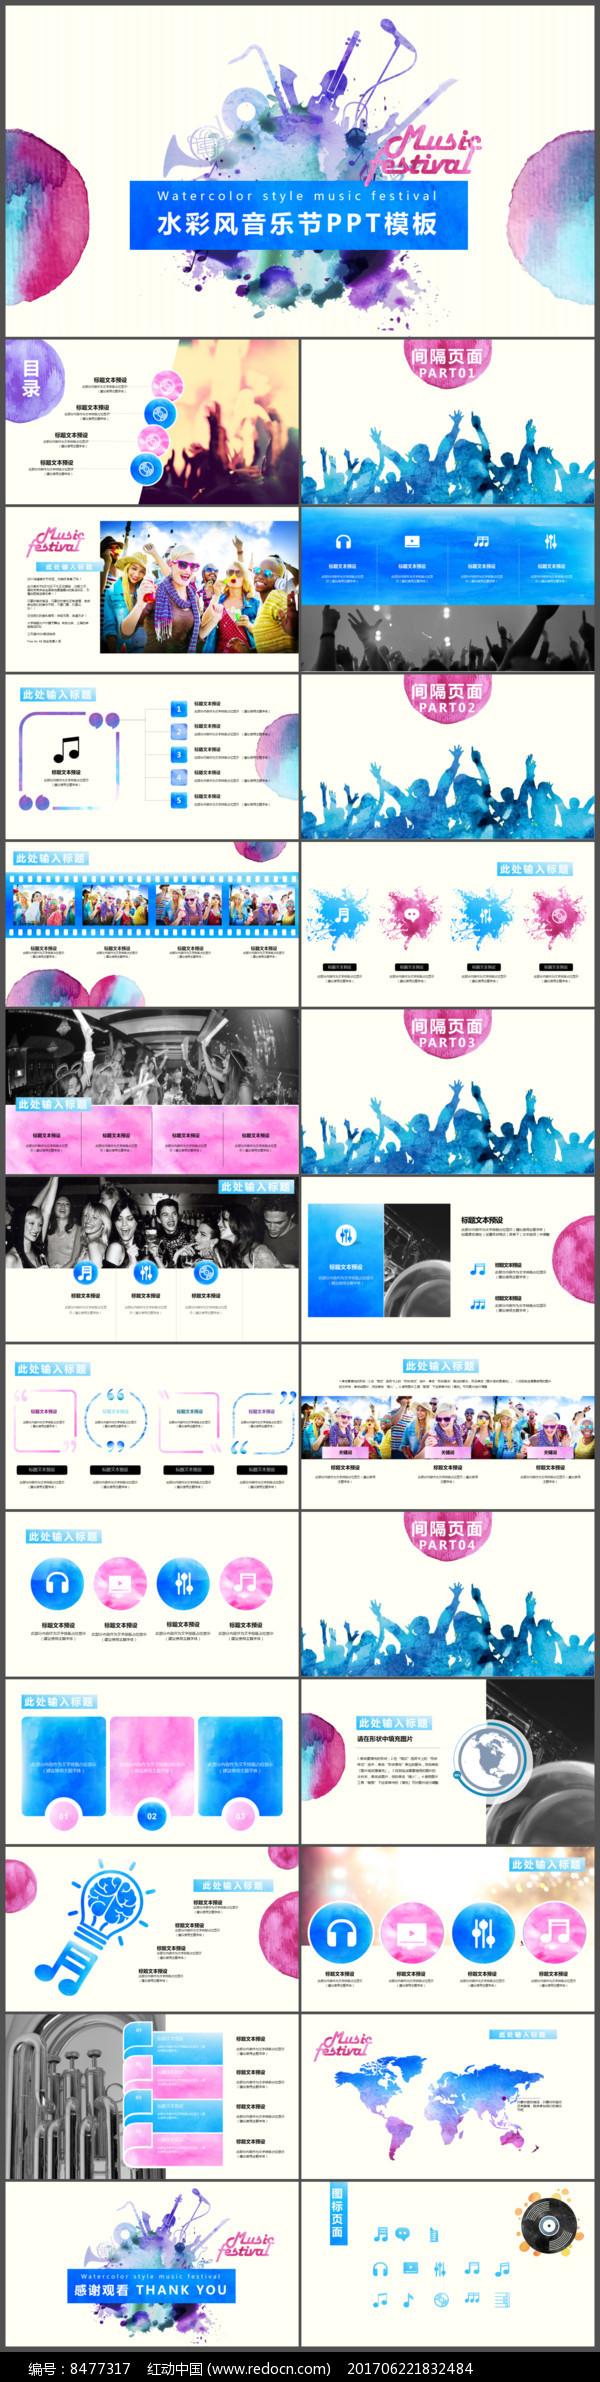 水彩风音乐节ppt模板图片